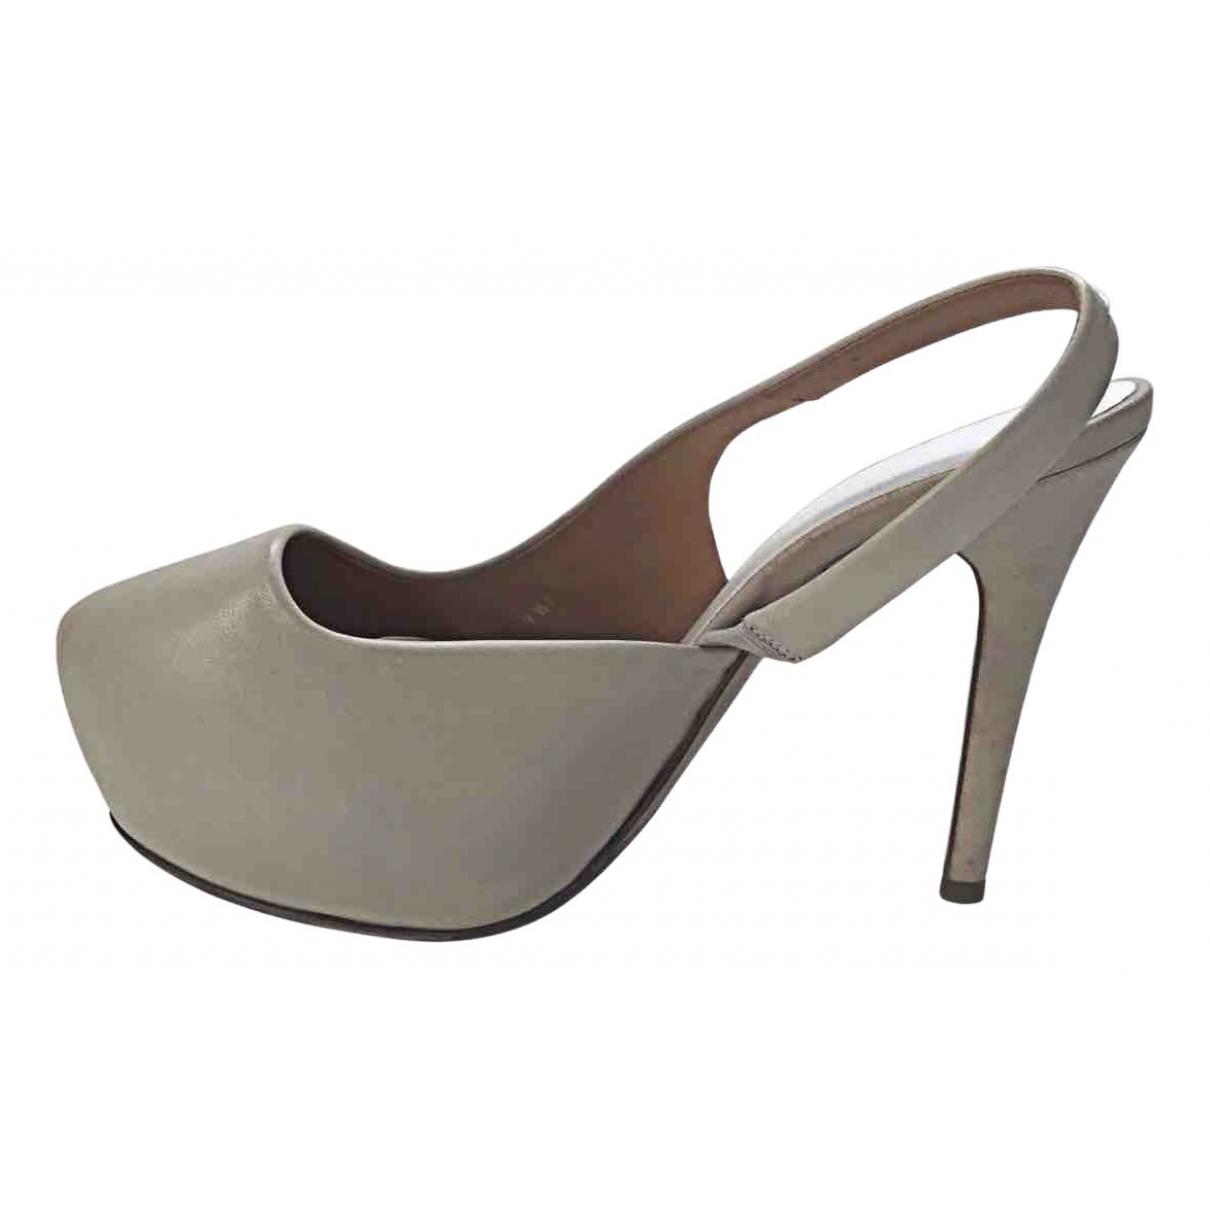 Maison Martin Margiela \N Beige Leather Heels for Women 38.5 IT